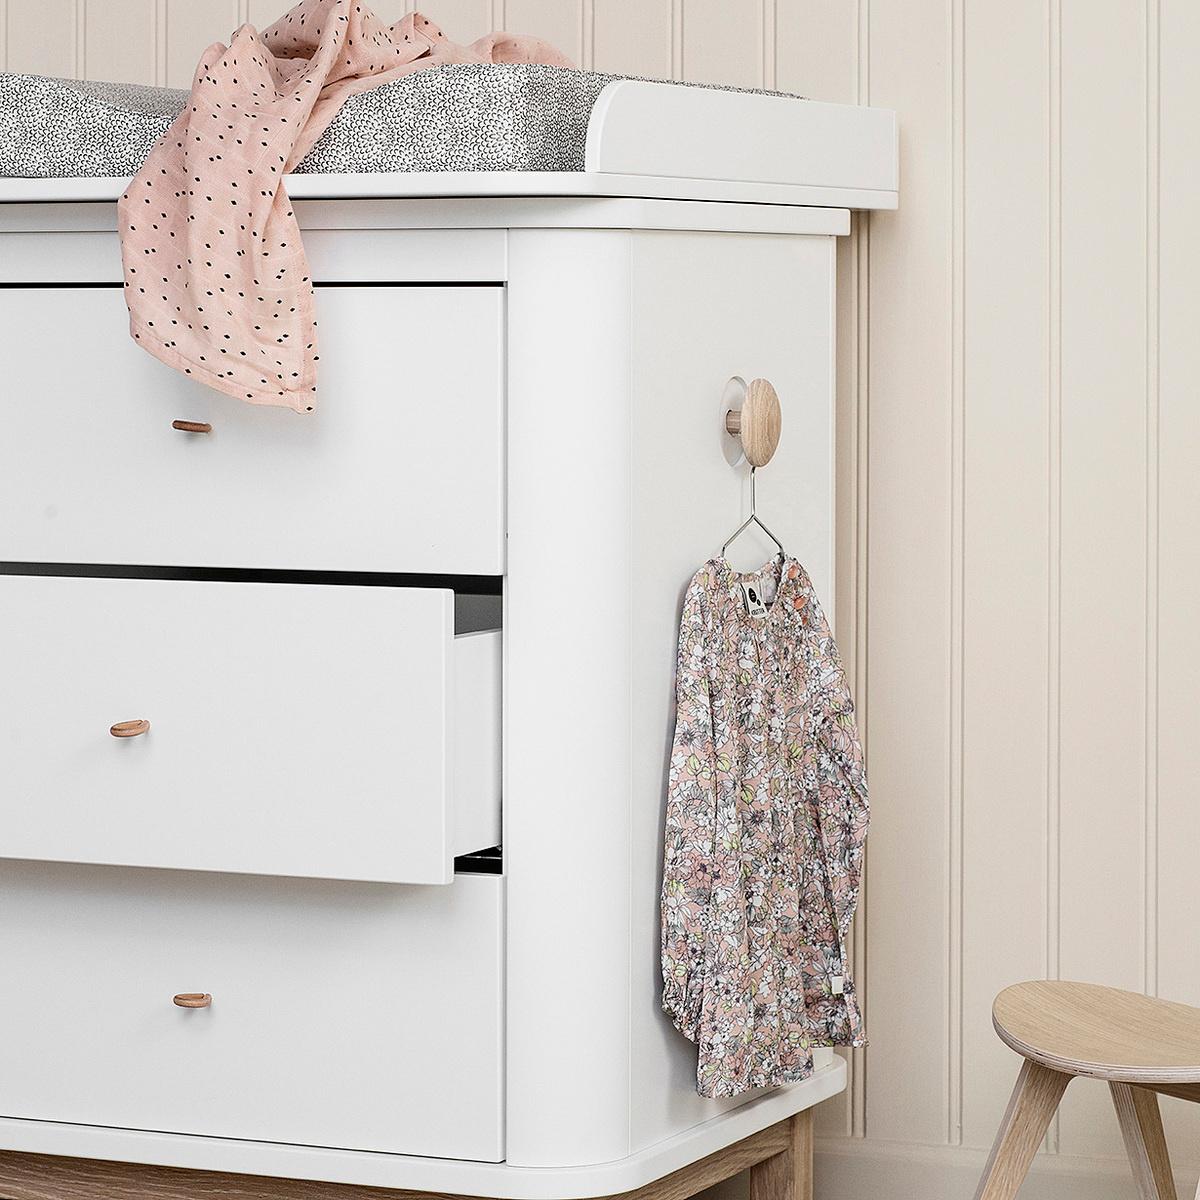 Cassettiera Wood con fasciatoio piccolo by Oliver Furniture  LOVEThESIGN